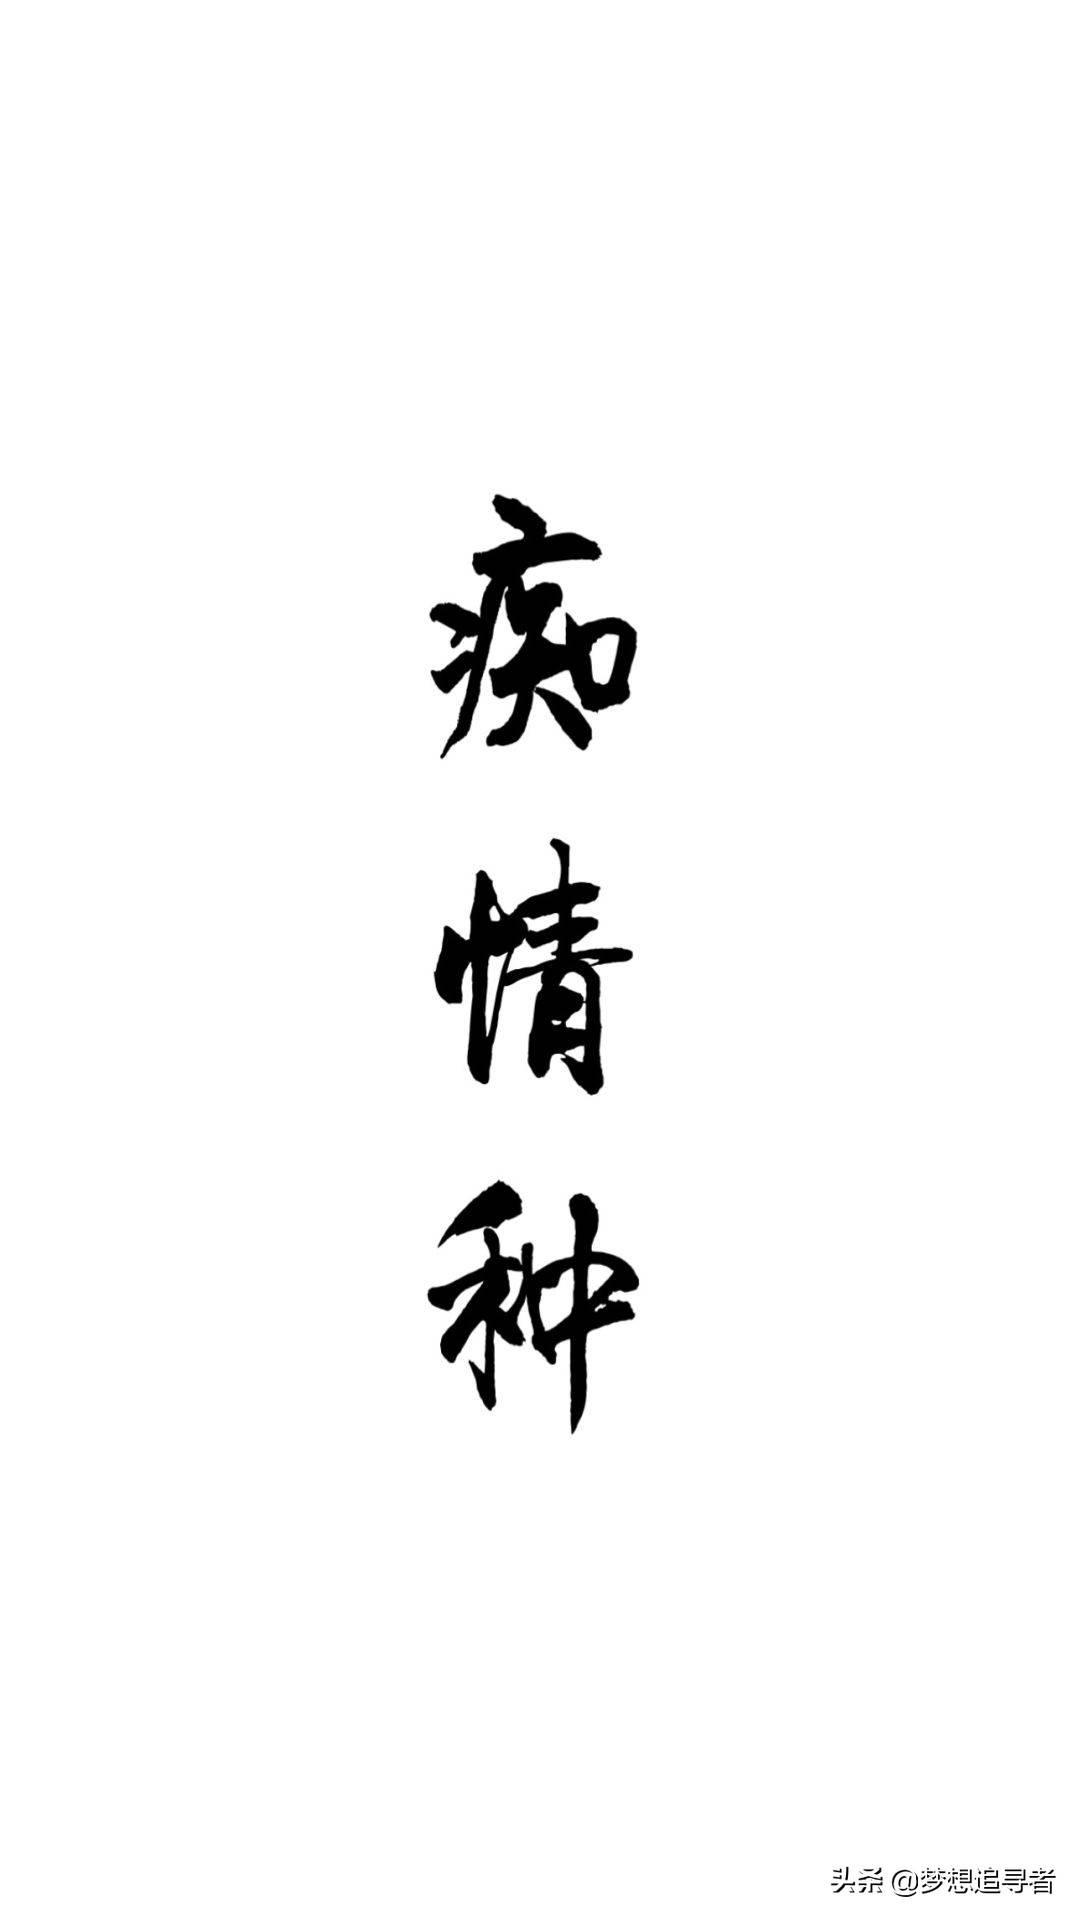 白色底图纯白图片(纯白背景图片素材大全) 网络快讯 第7张